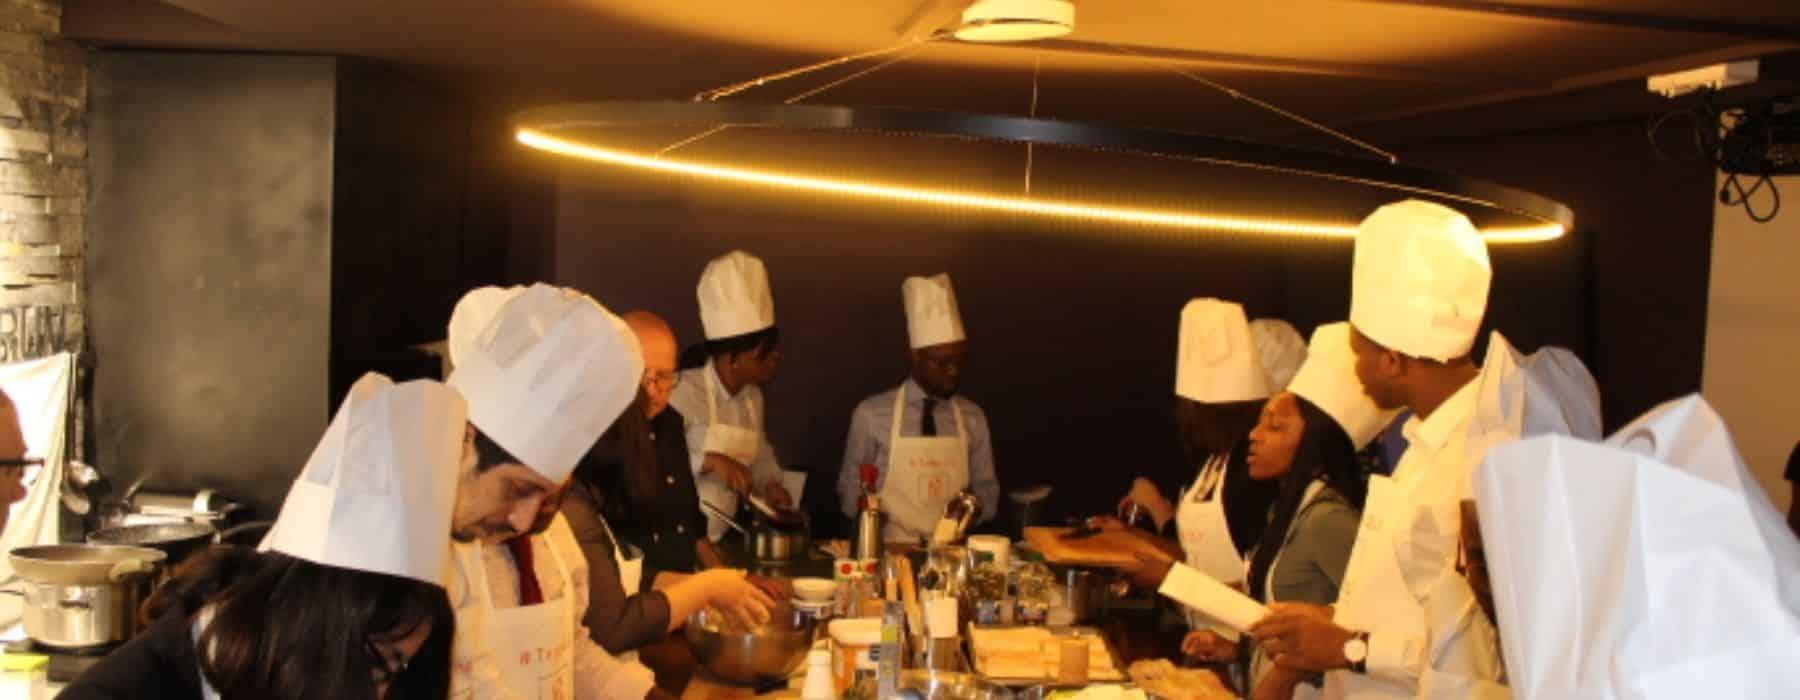 TEAM BUILDING cours de cuisine moleculaire (1)